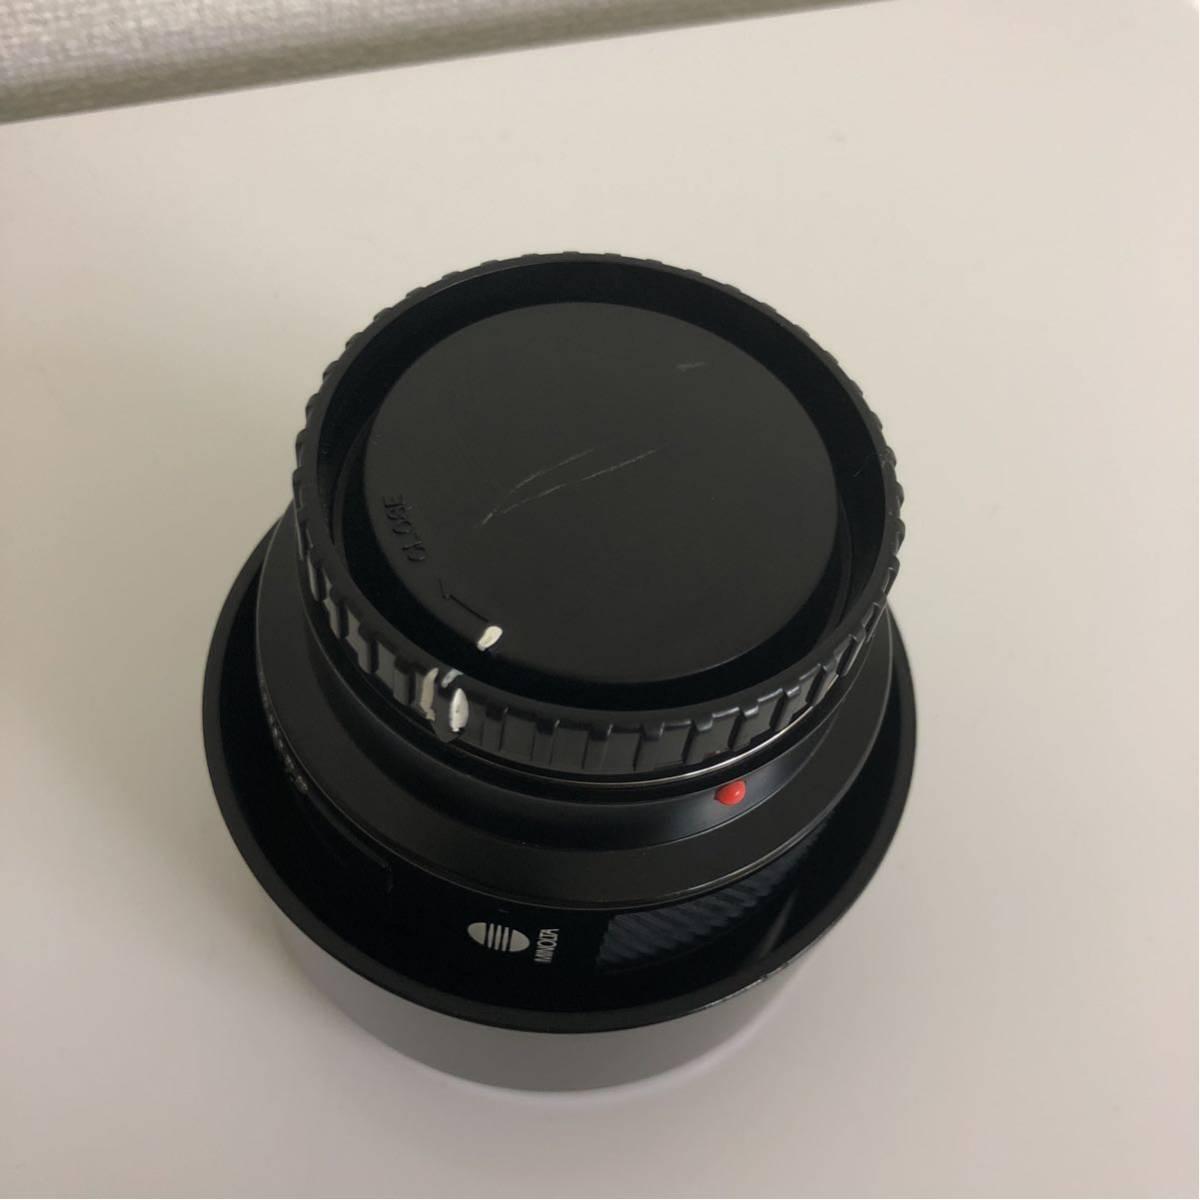 [カメラレンズ]ミノルタ/MINOLTA AF LENS 85mm 1:1.4(22)_画像6